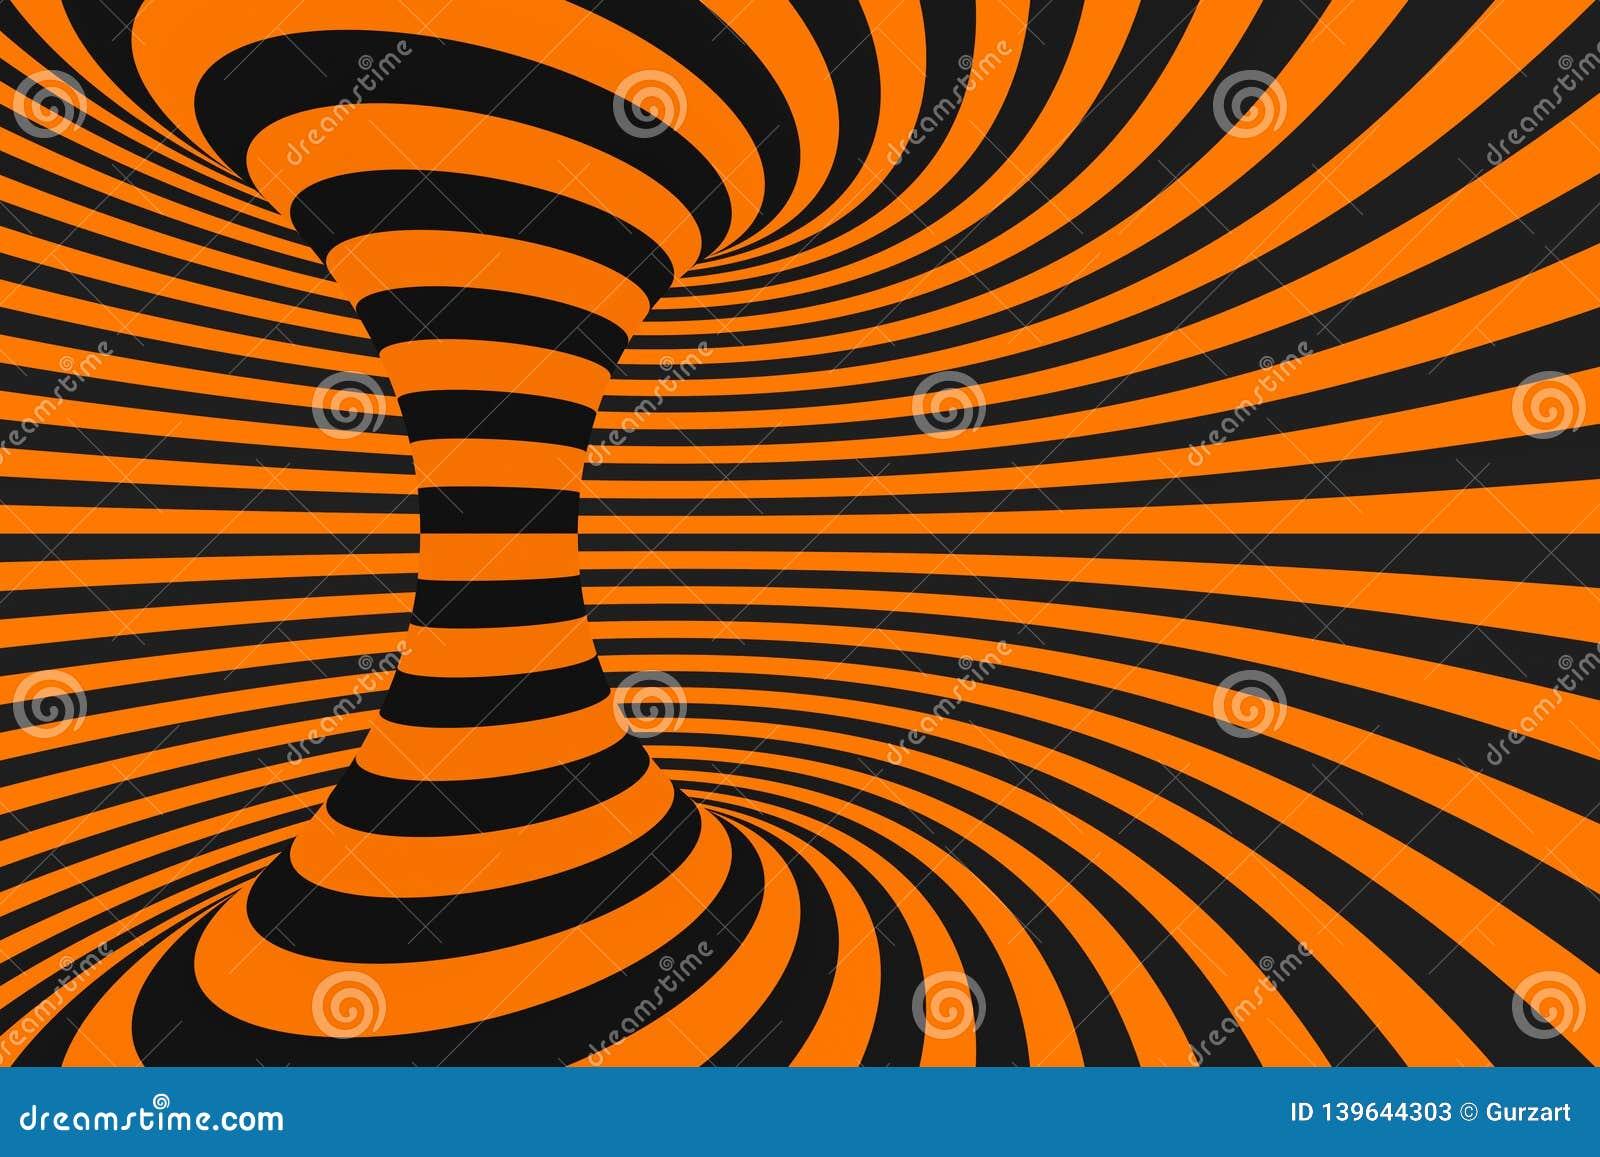 Rasterillustration der Illusion 3D des Tunnels optische Kontrastieren Sie Linien Hintergrund Hypnotische Streifen verzieren Geome